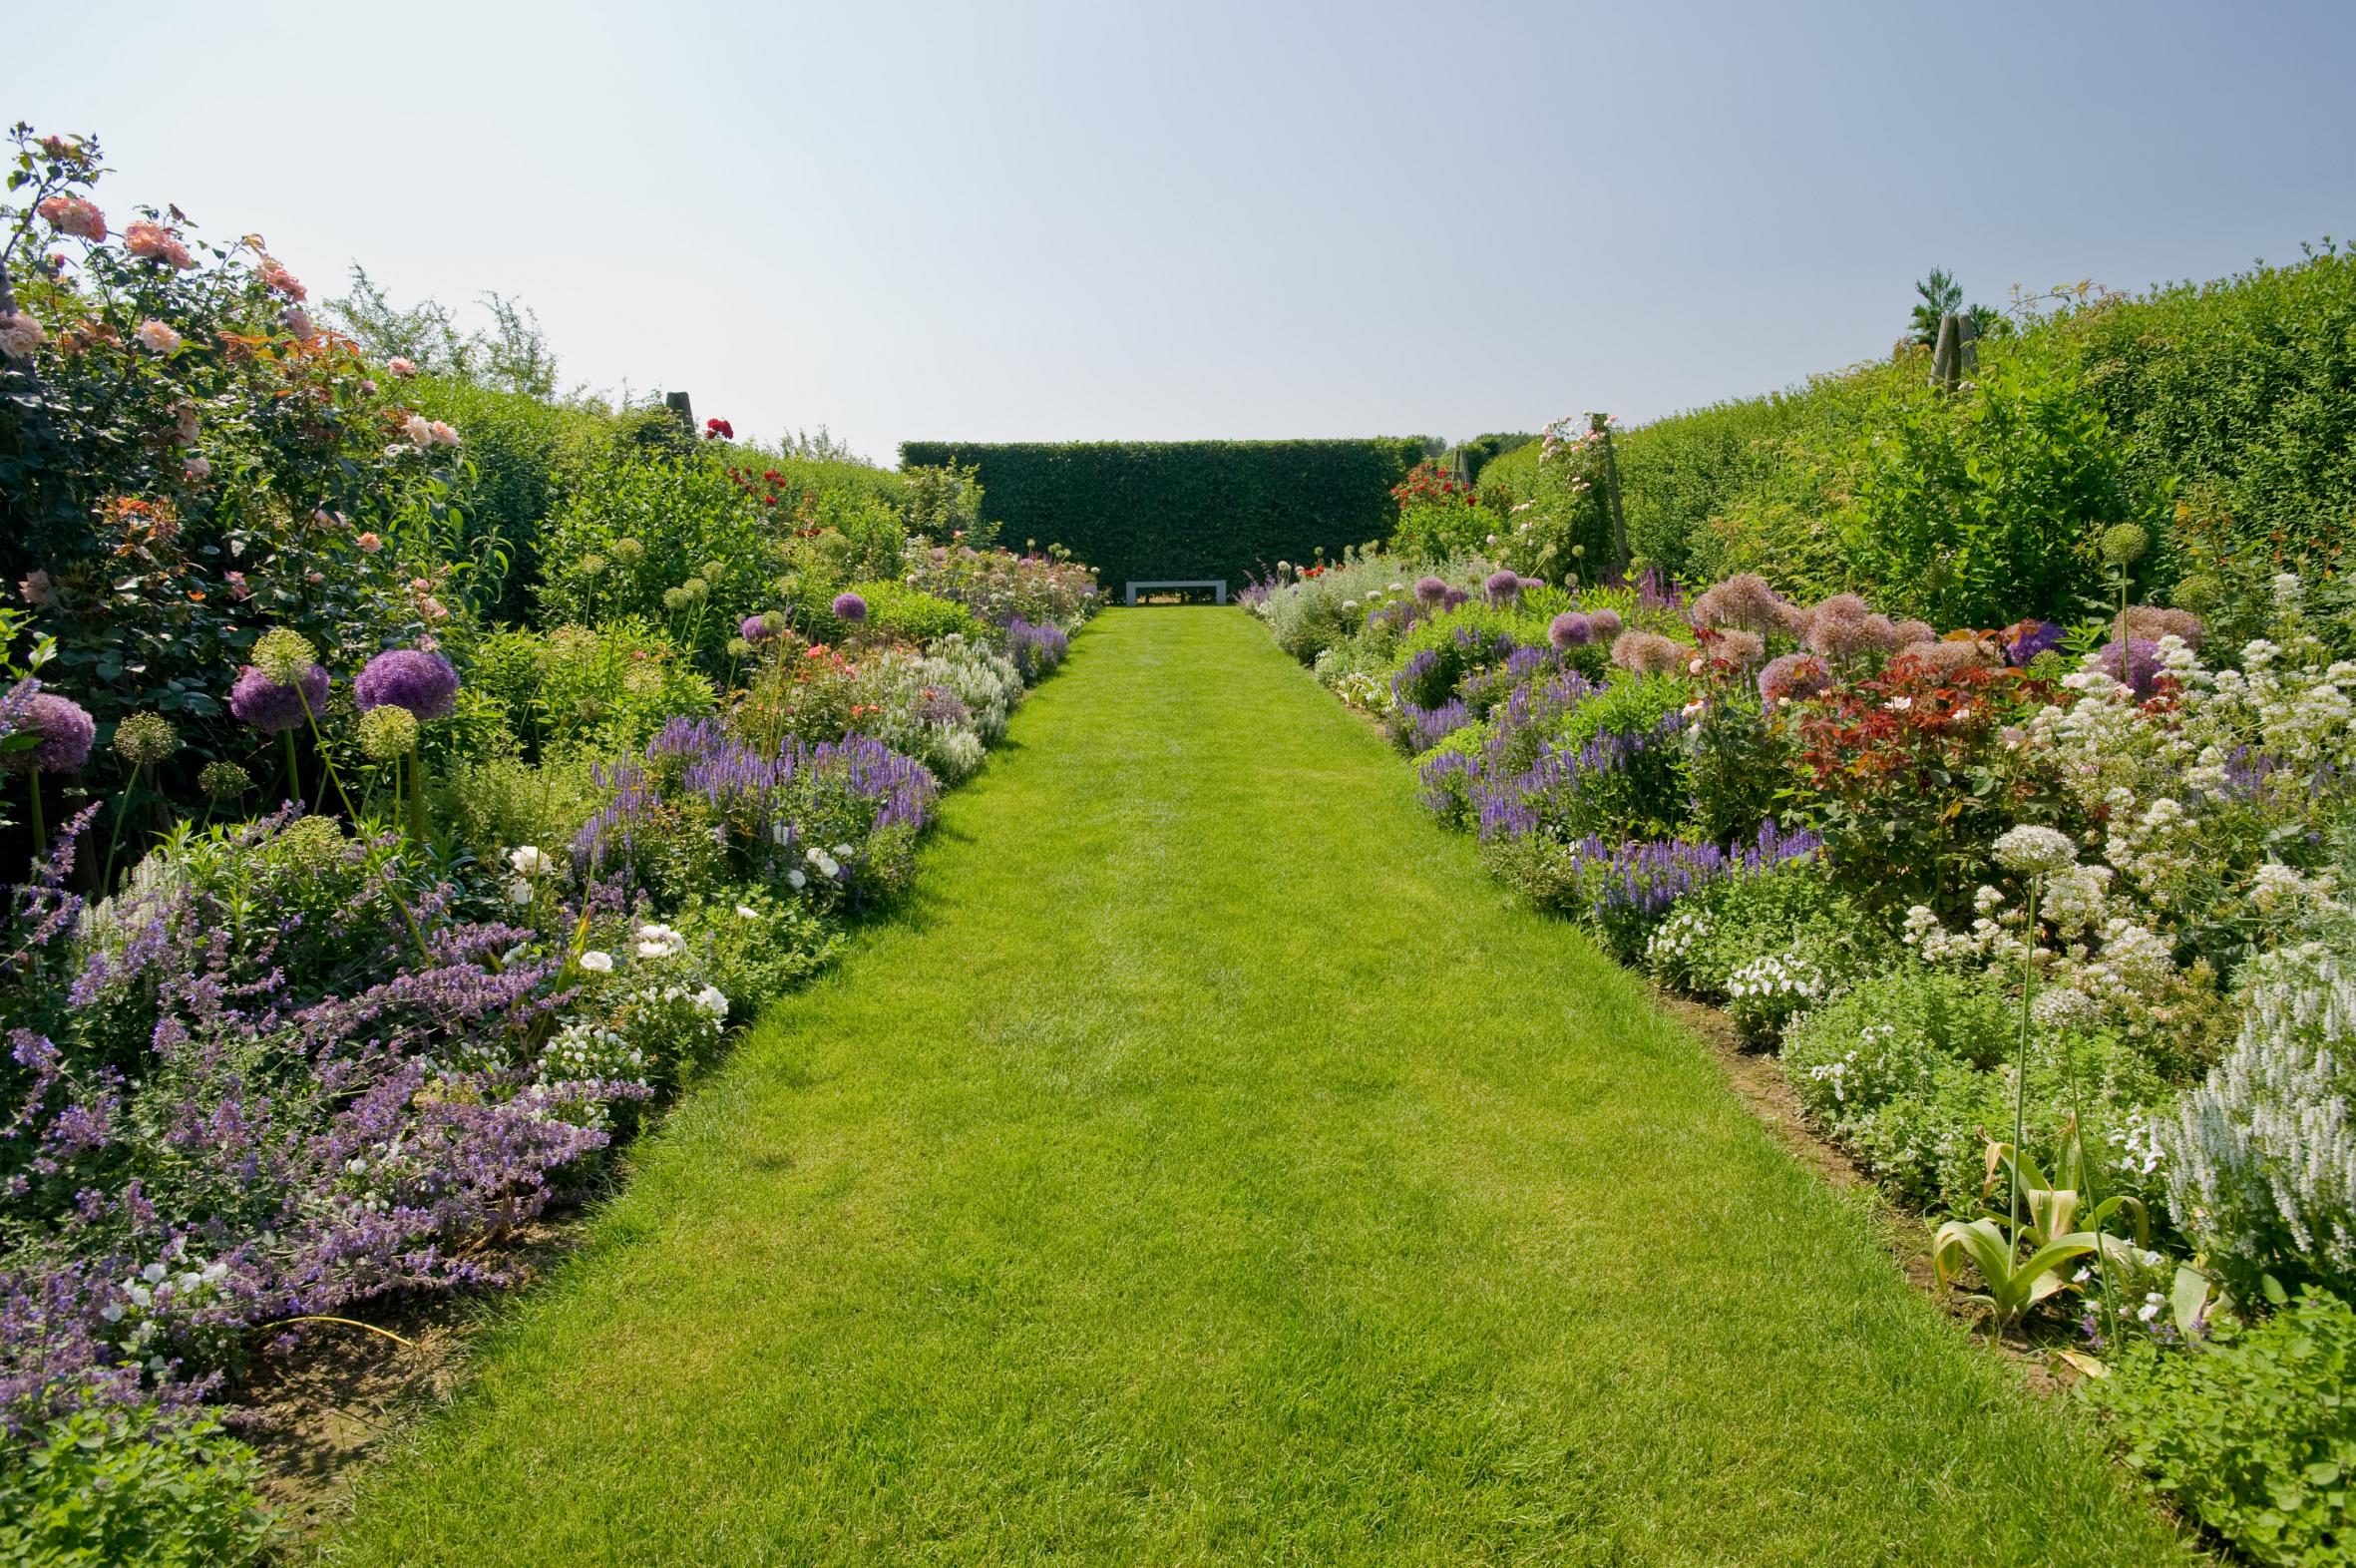 Langer Garten Gestalten der weg ist ein ziel mit stauden umrahmt gestalten auch wege den